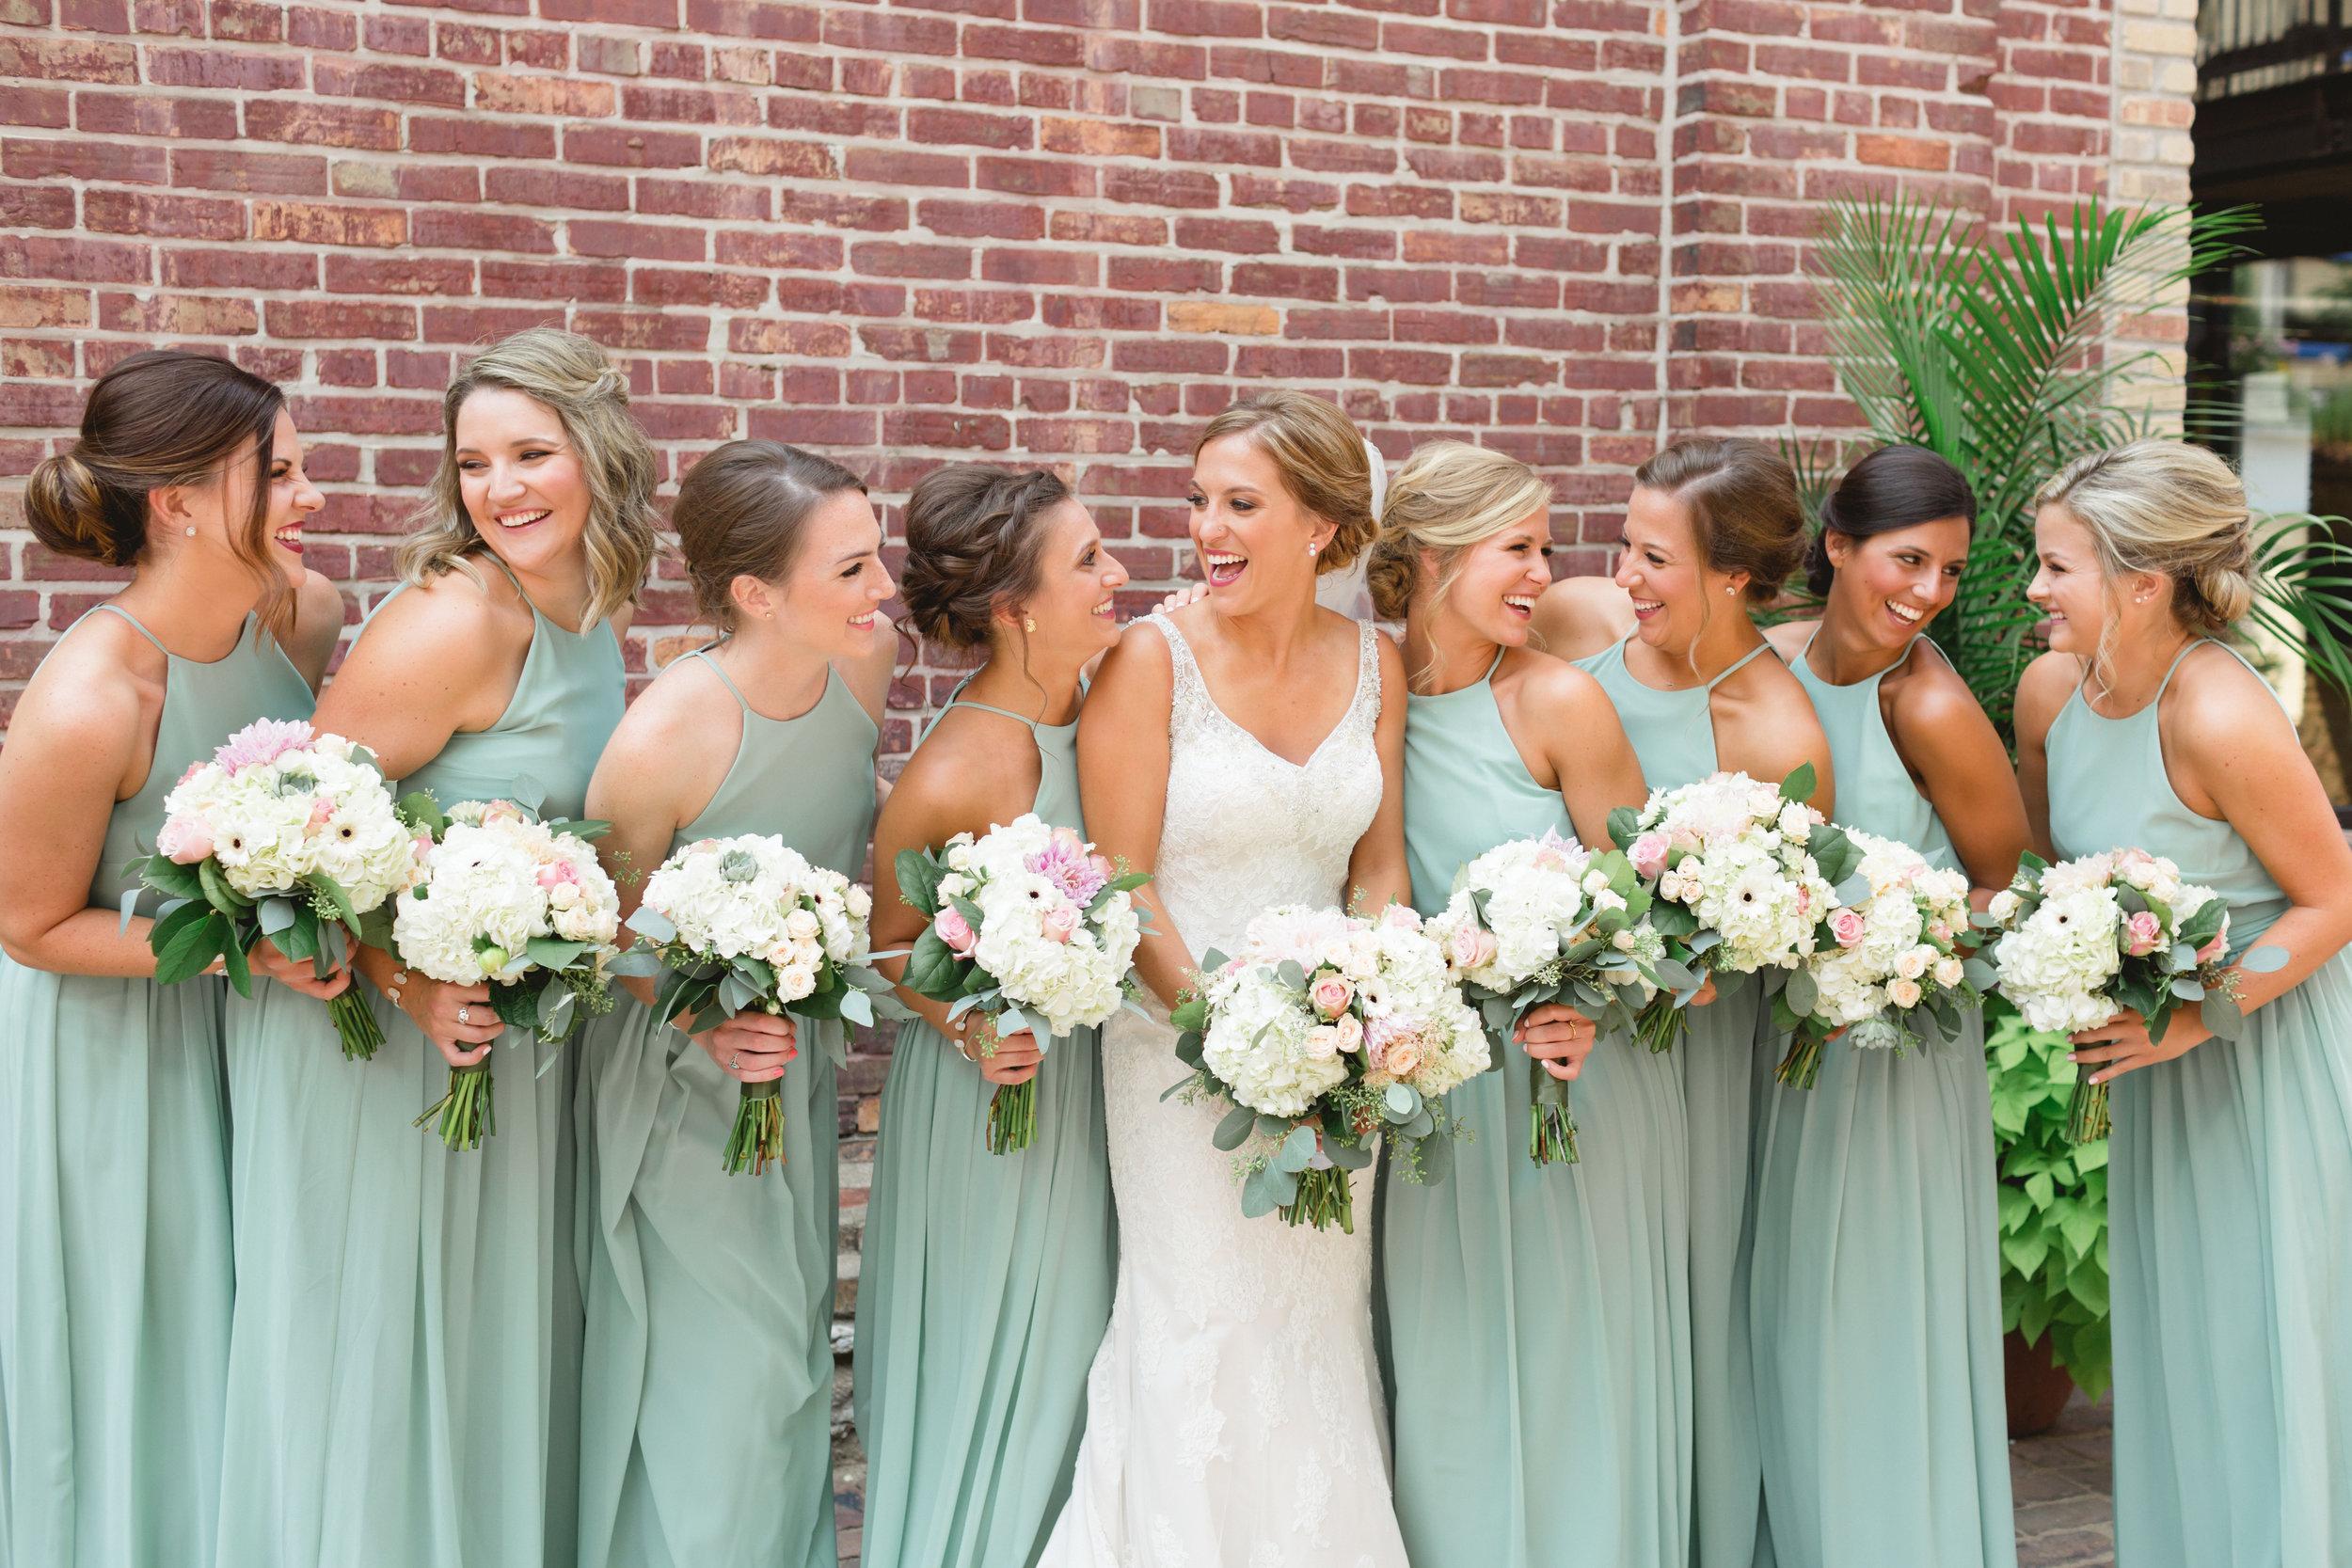 Bride + Bridesmaids-1.jpg